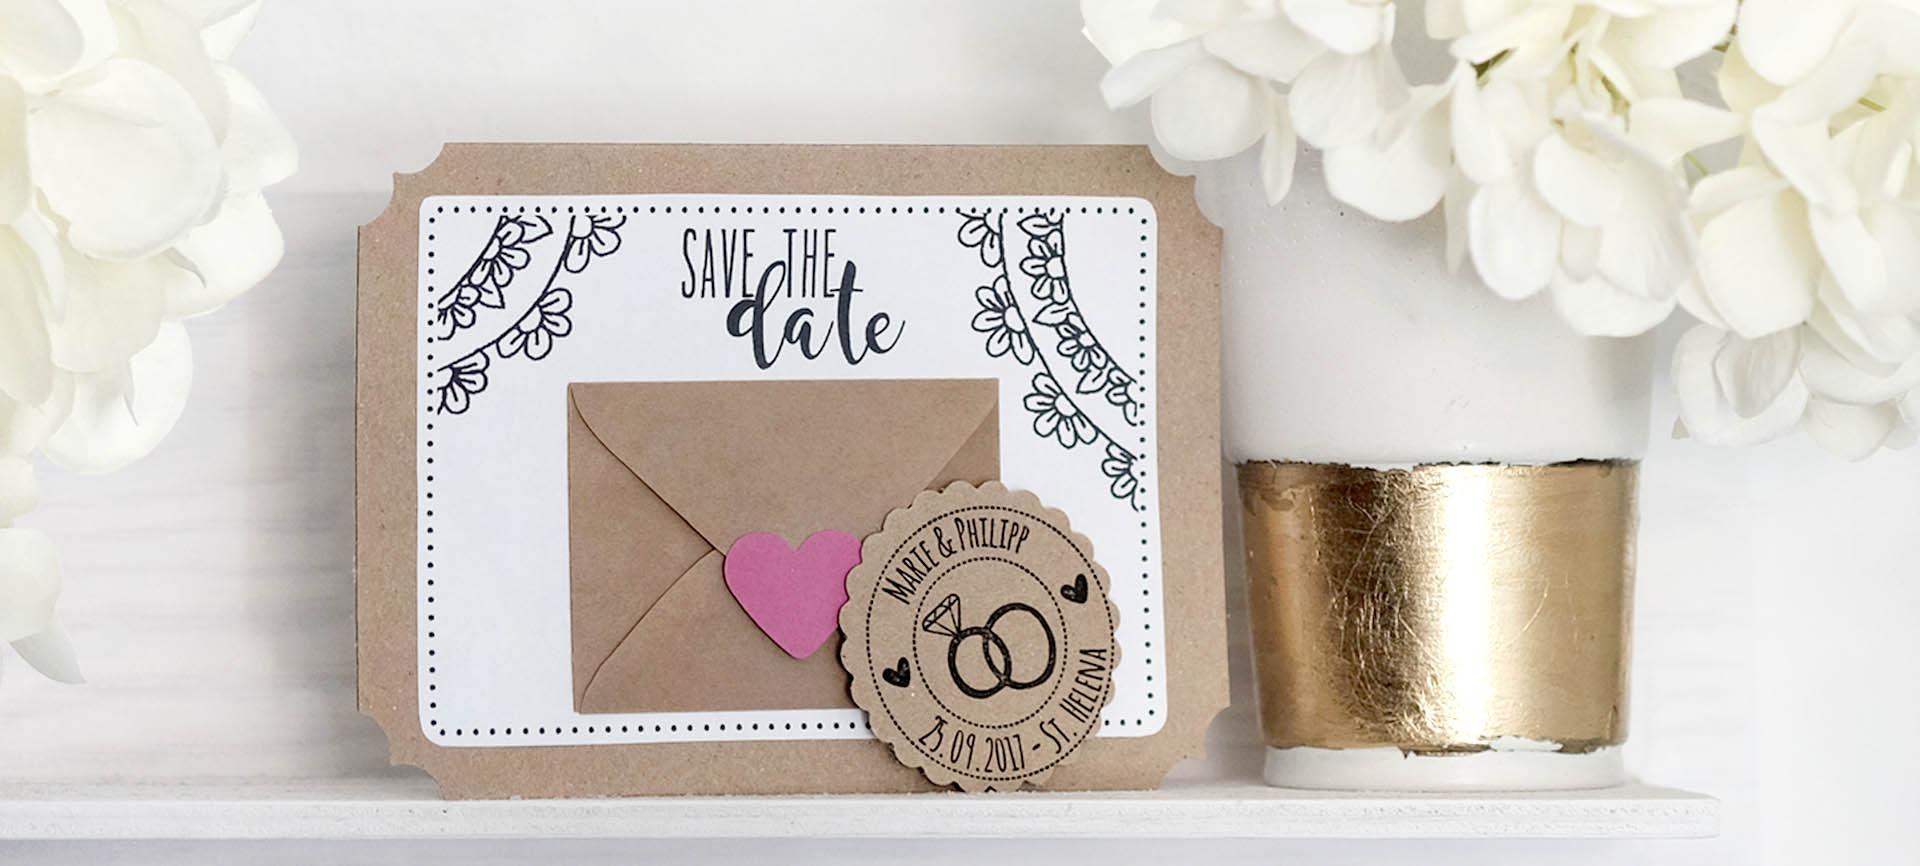 """Einladung Hochzeit Diy  Hochzeit DIY """"Save the date"""" Einladung basteln"""